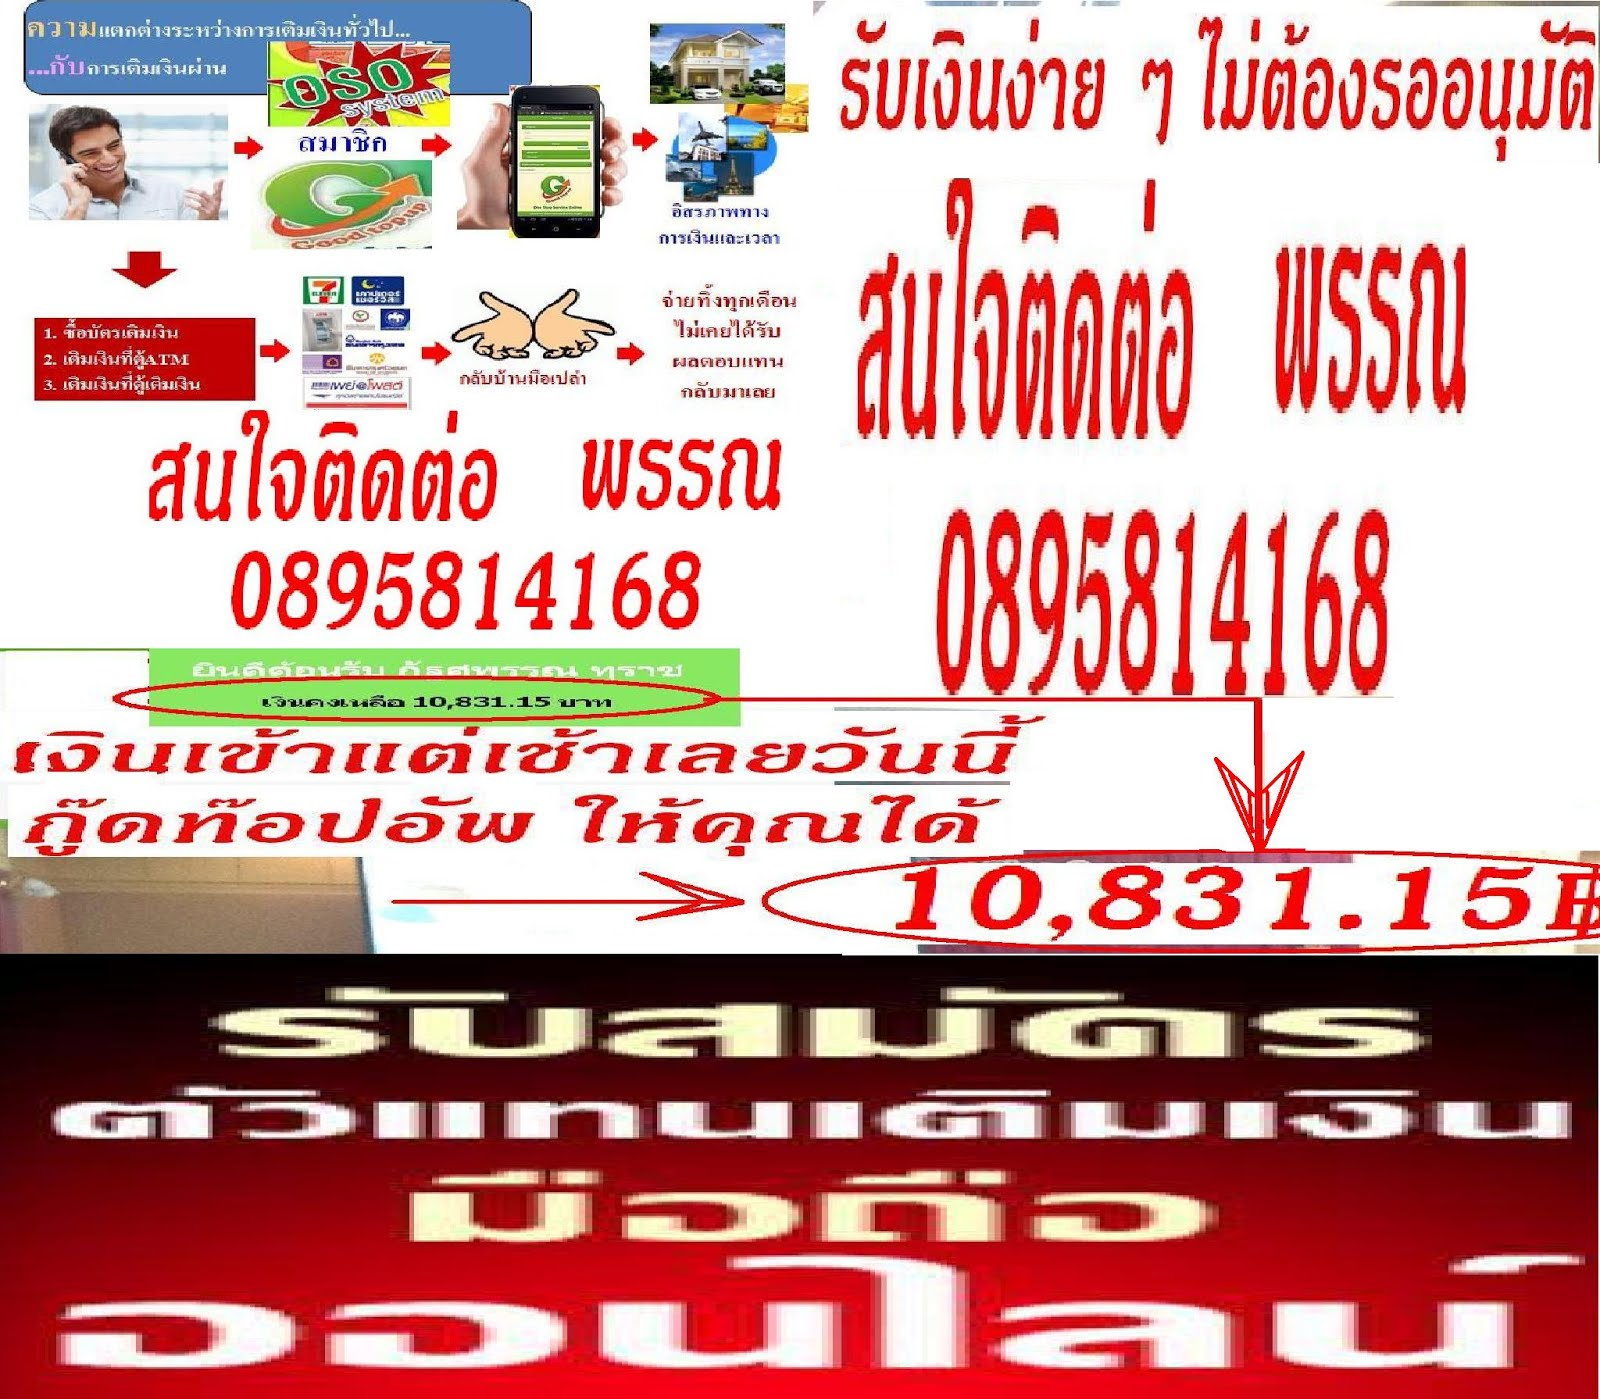 เติมเงินมือถือออนไลน์ สร้างรายได้หลัก 1,000,000 รายได้เสริม ขอนุญาติ แบ่งปันรายได้ครับ สนใจโทรด่วน